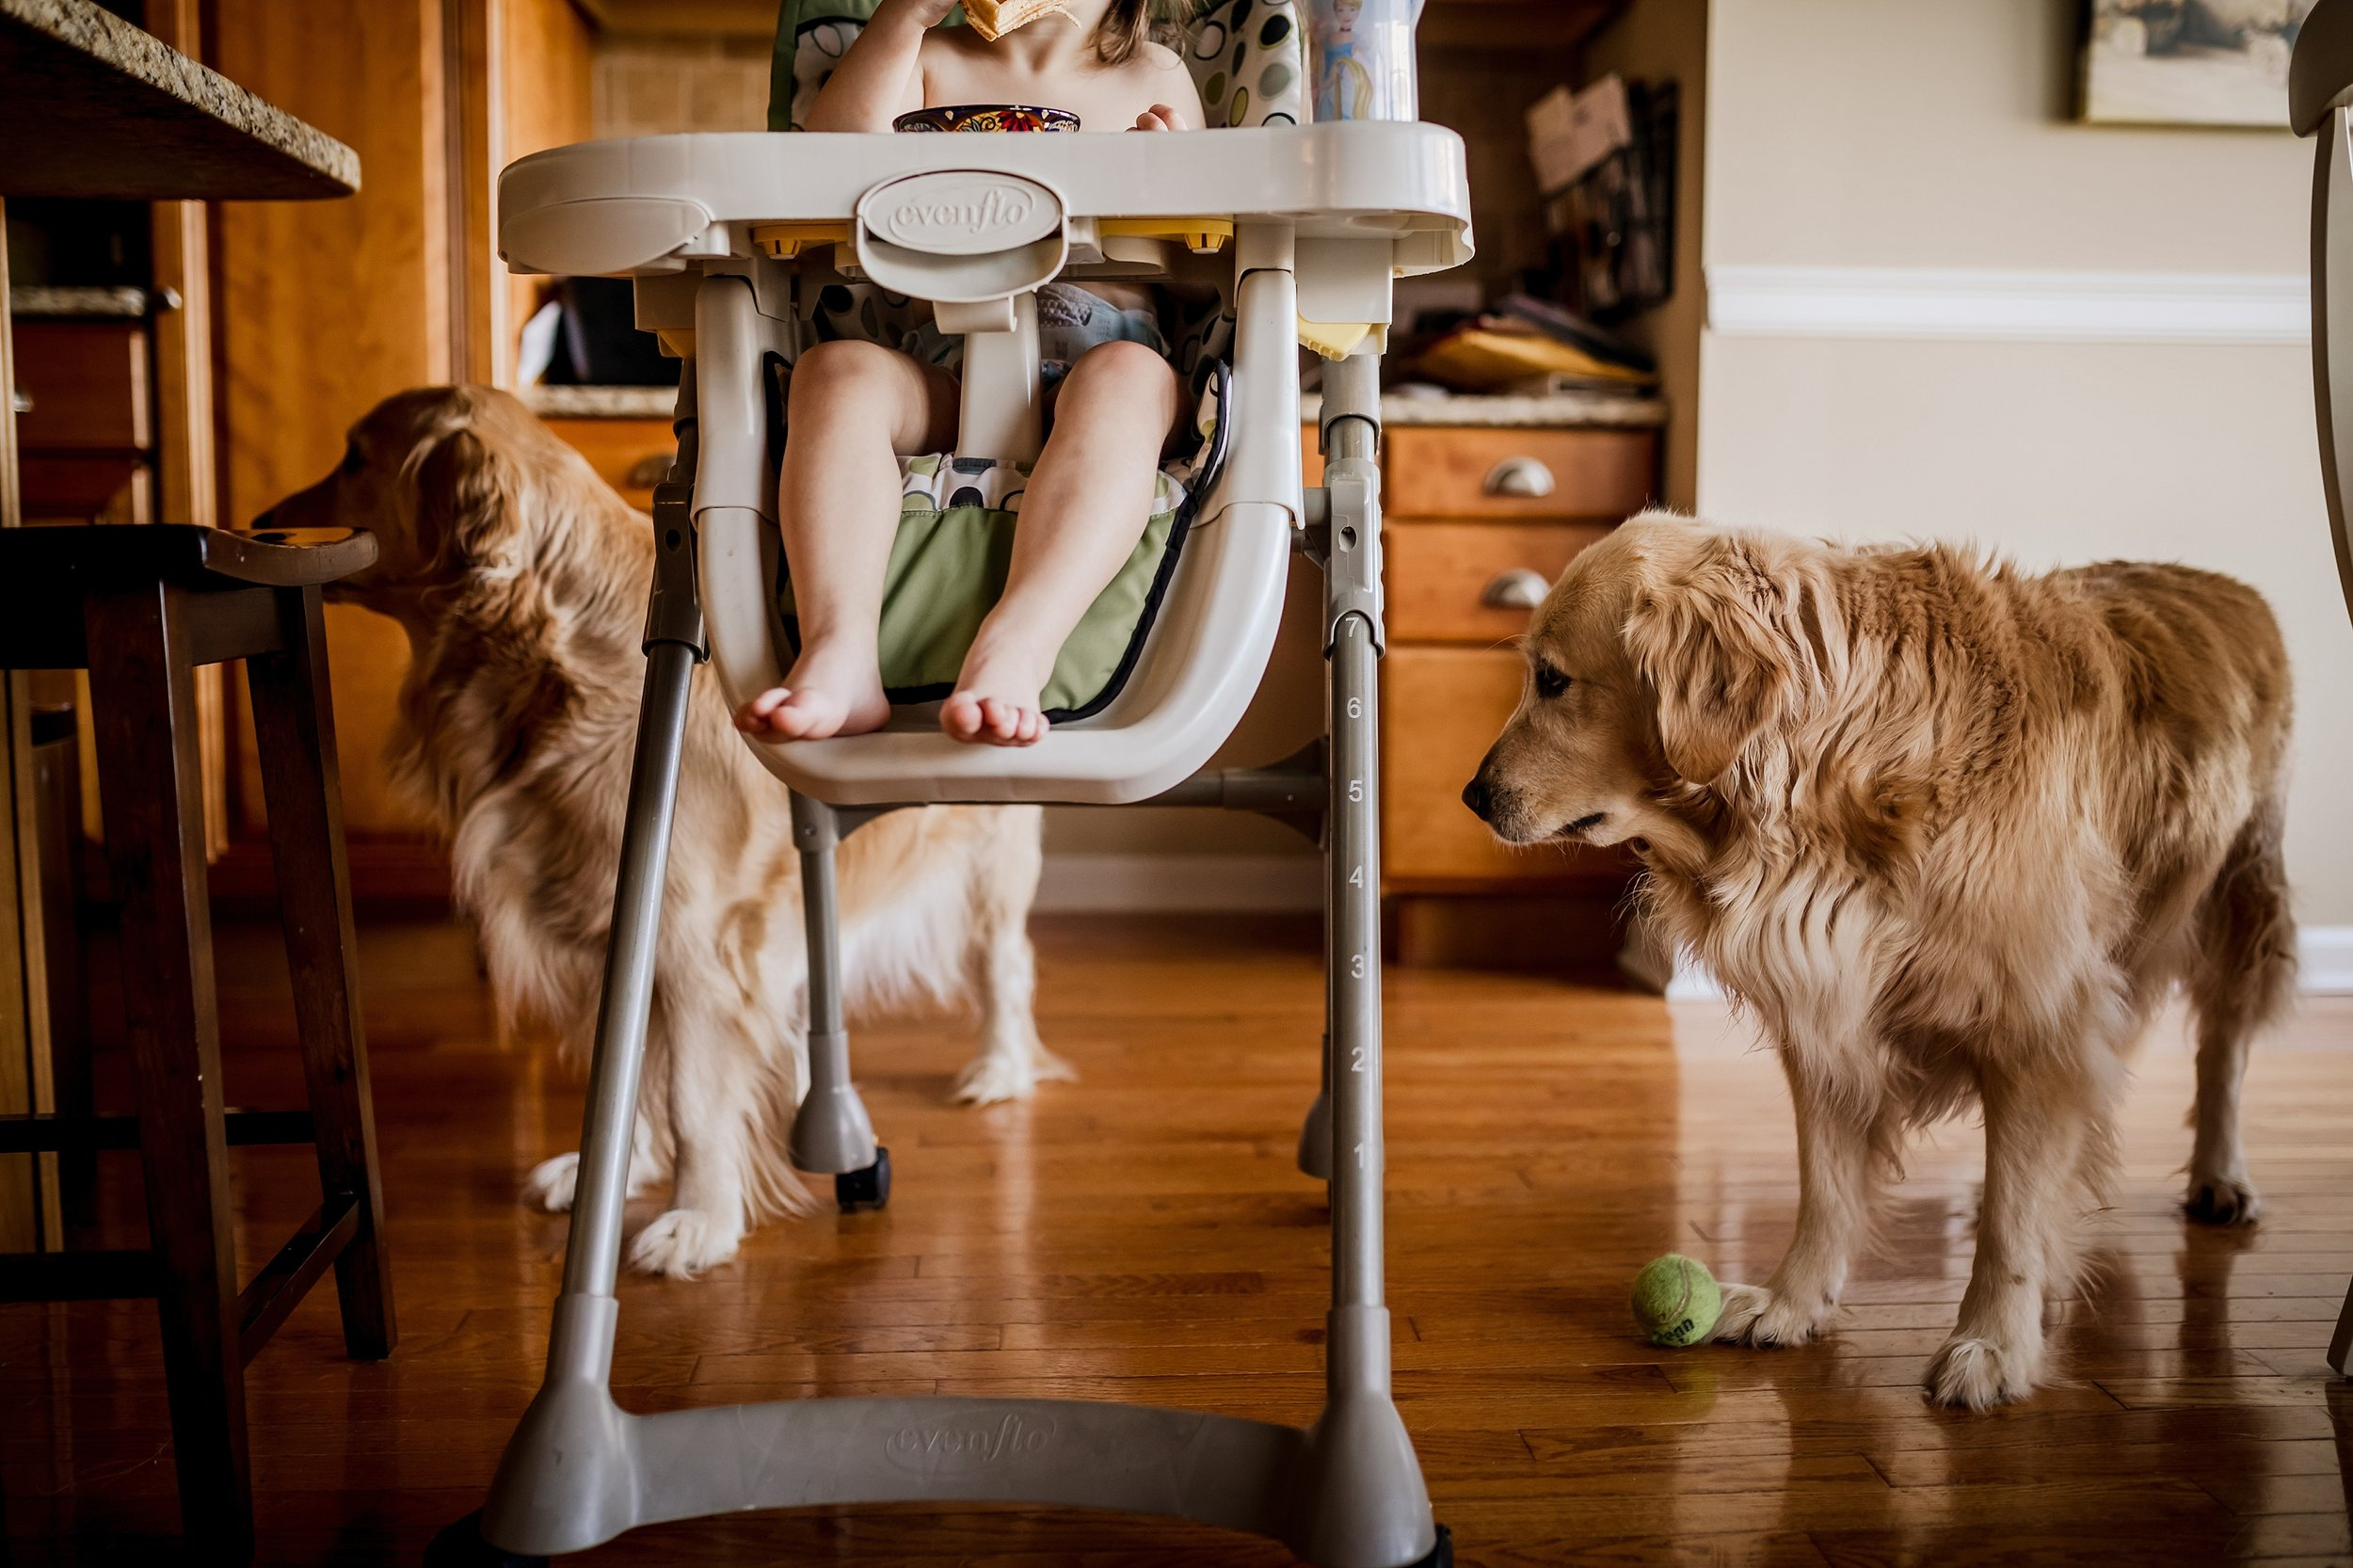 Lehigh-Valley-Documentary-Family-Photographer_0007.jpg